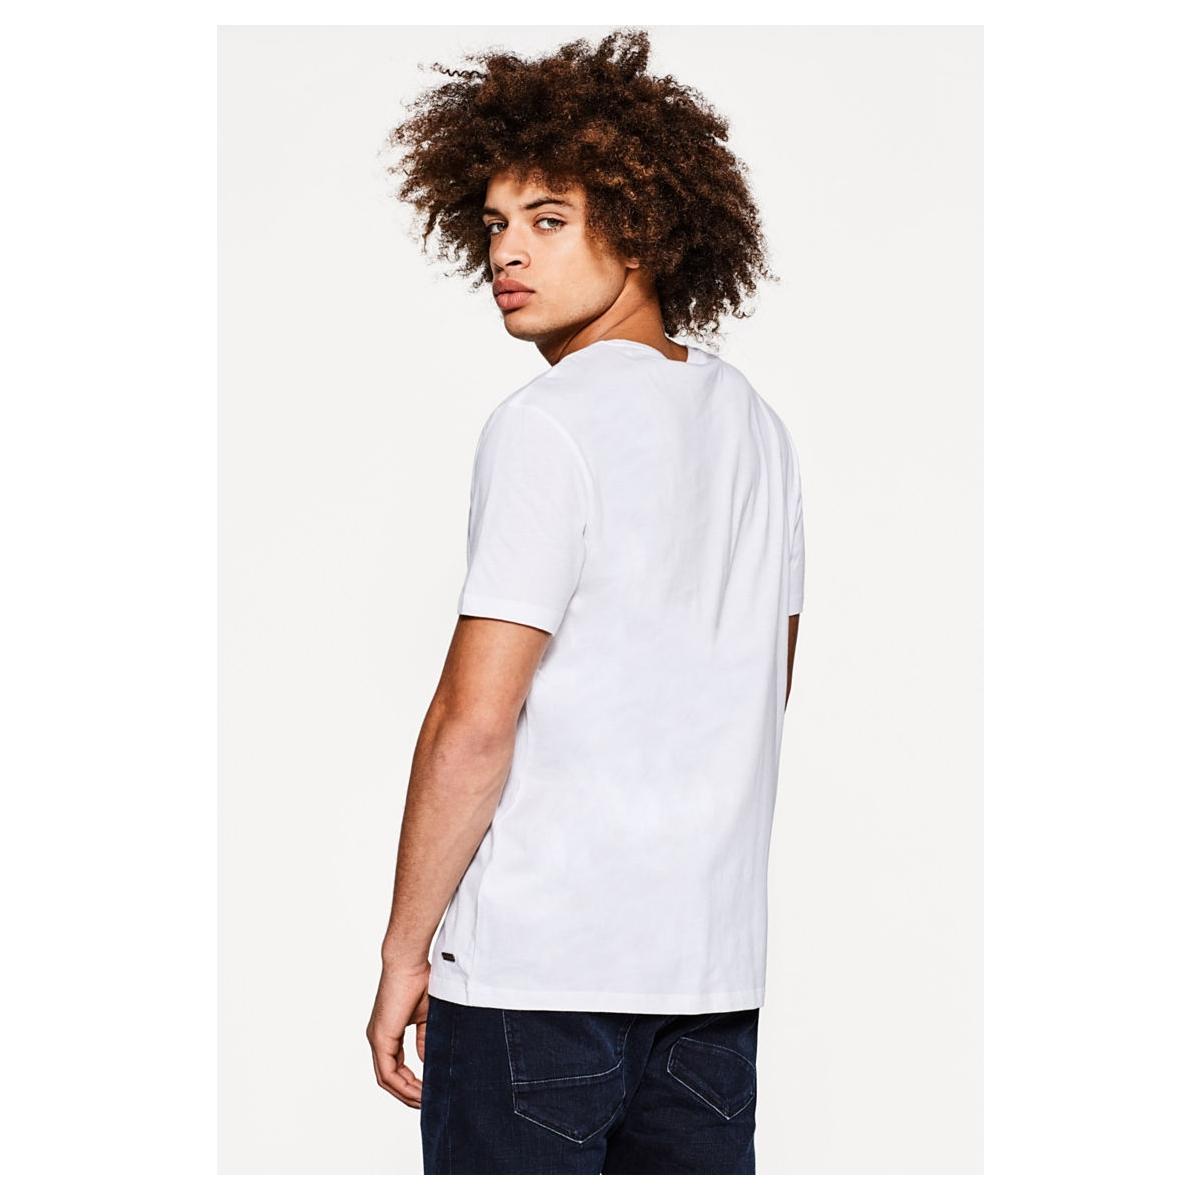 127cc2k027 edc t-shirt c100